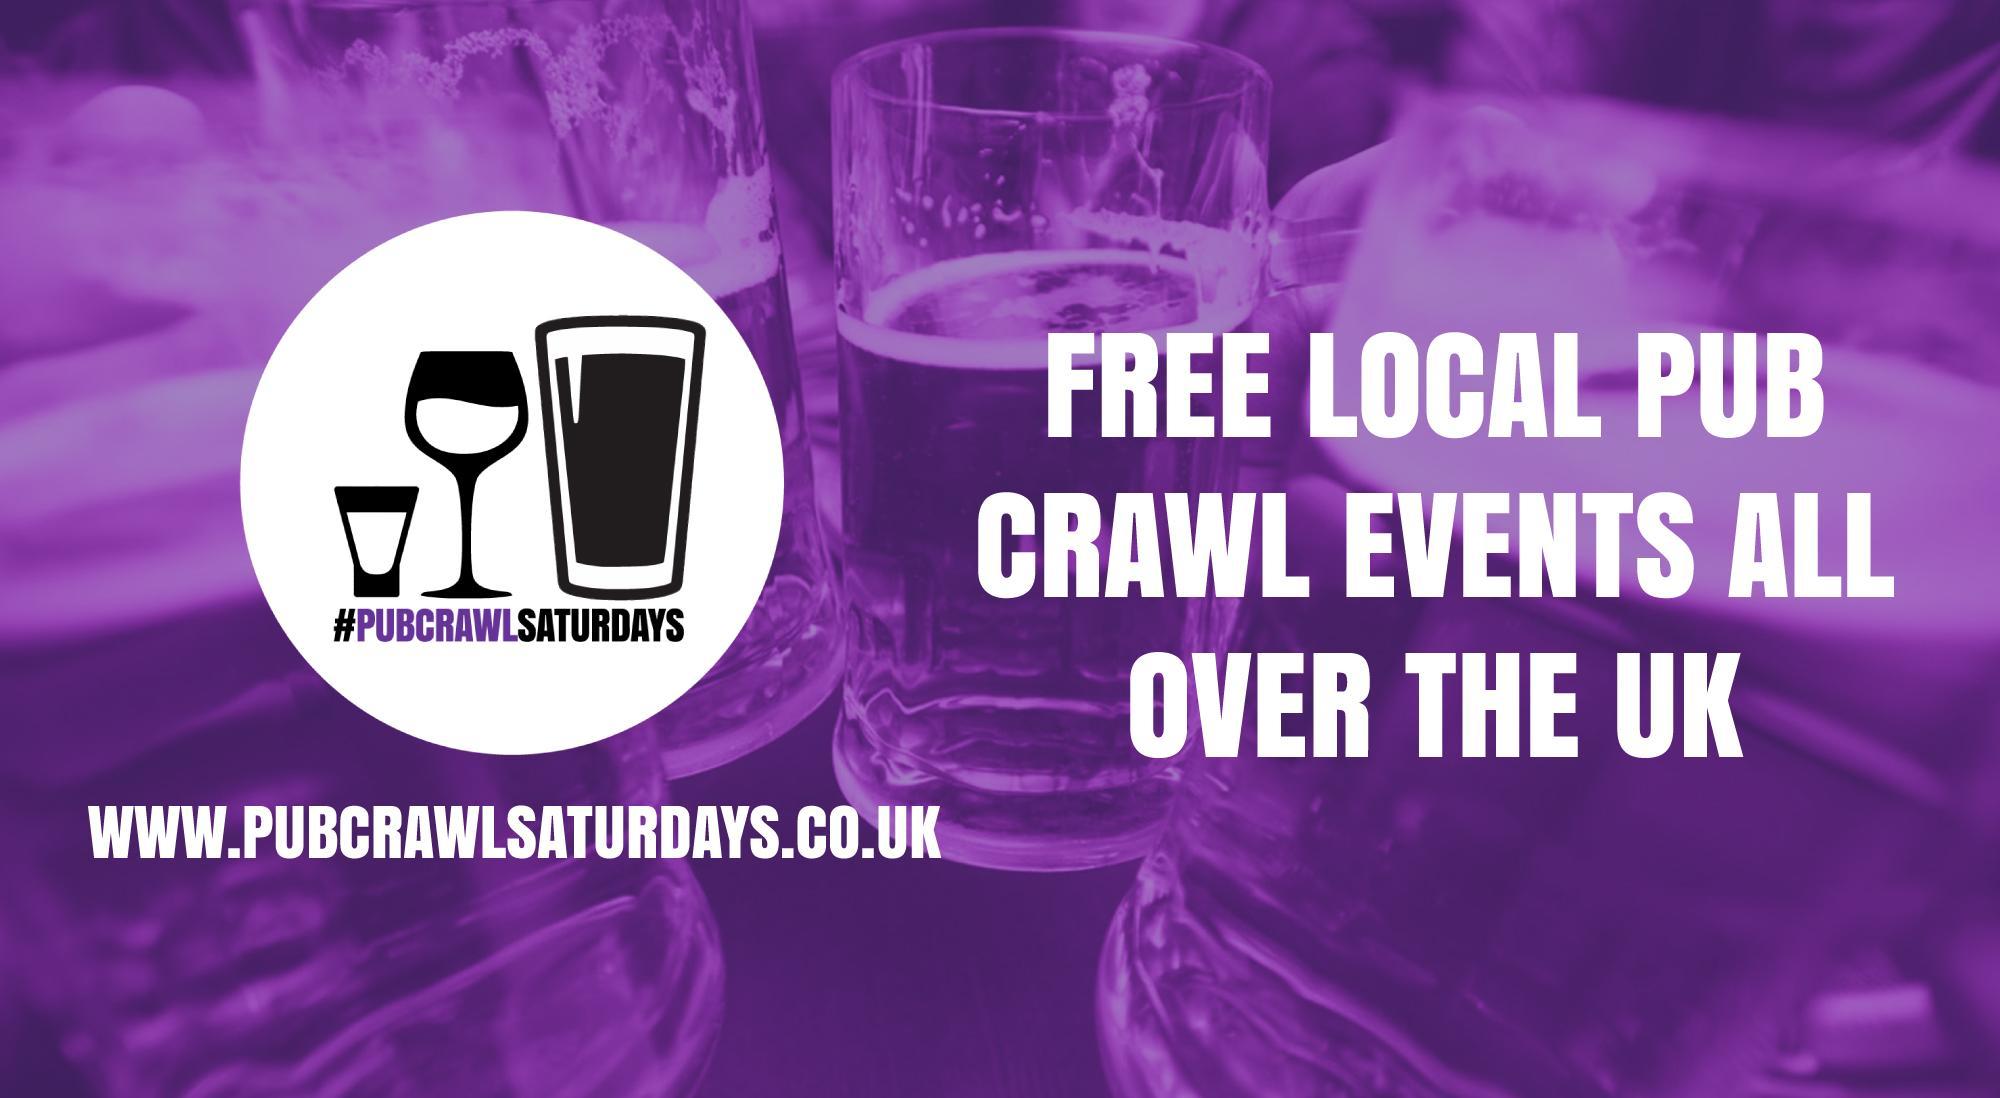 PUB CRAWL SATURDAYS! Free weekly pub crawl event in New Ferry